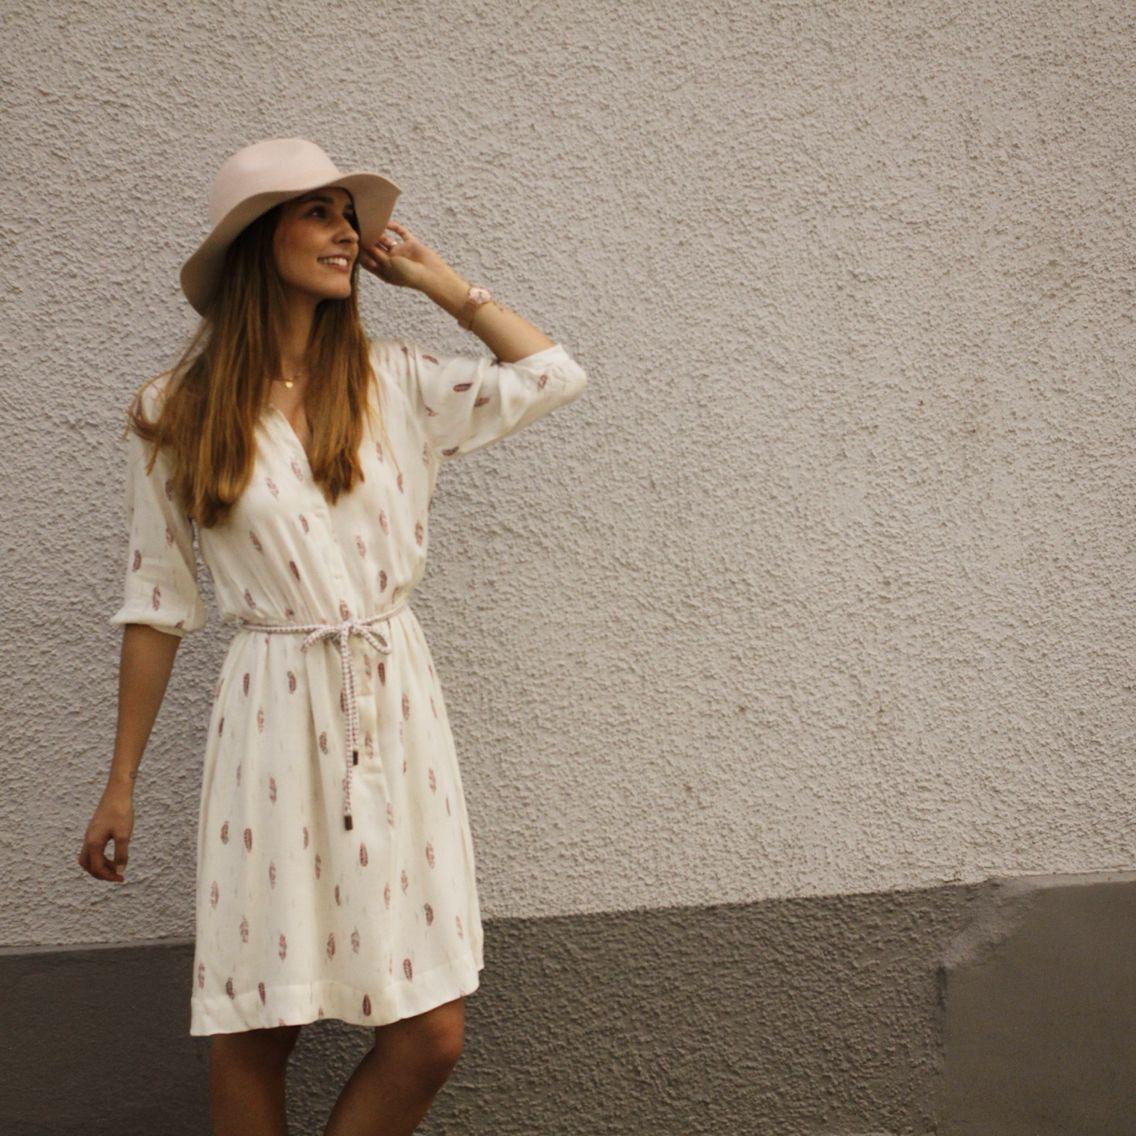 Cremefarbene Kleidchen von Sessun  Cremefarbenes kleid, Kleidchen